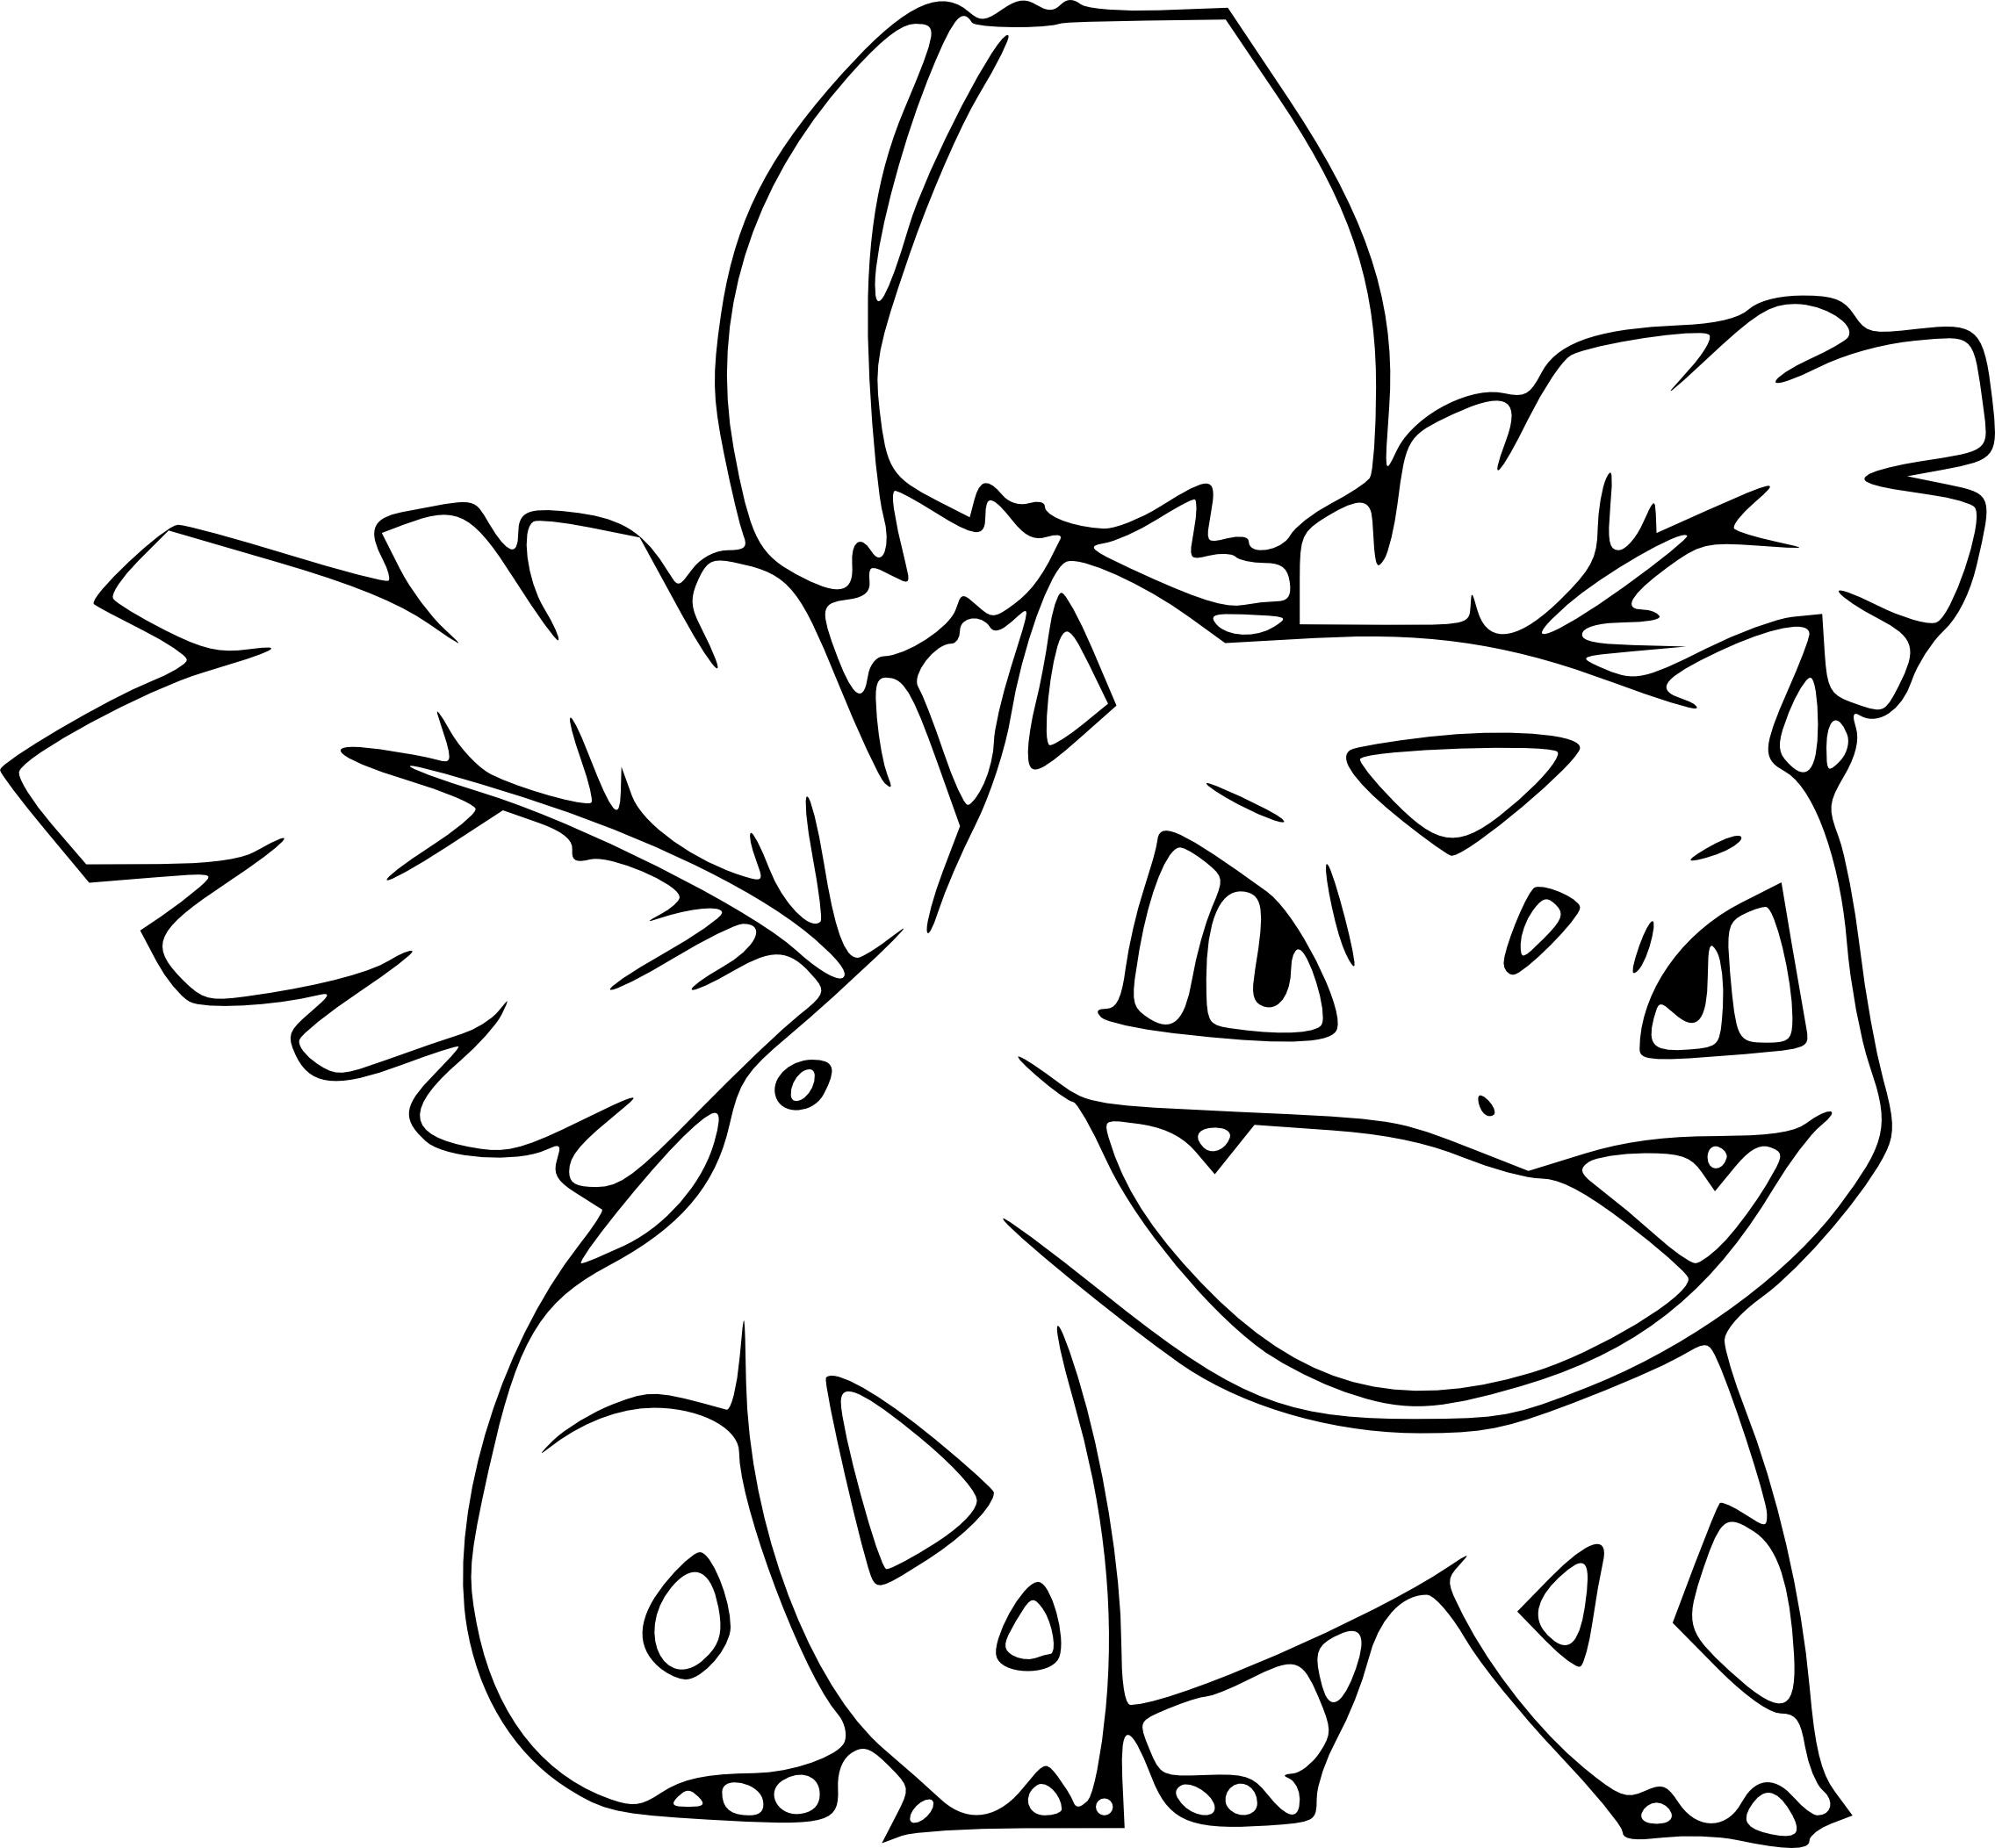 Coloriage Herbizarre Pokemon À Imprimer concernant Dessin Pokemon Gratuit A Imprimer